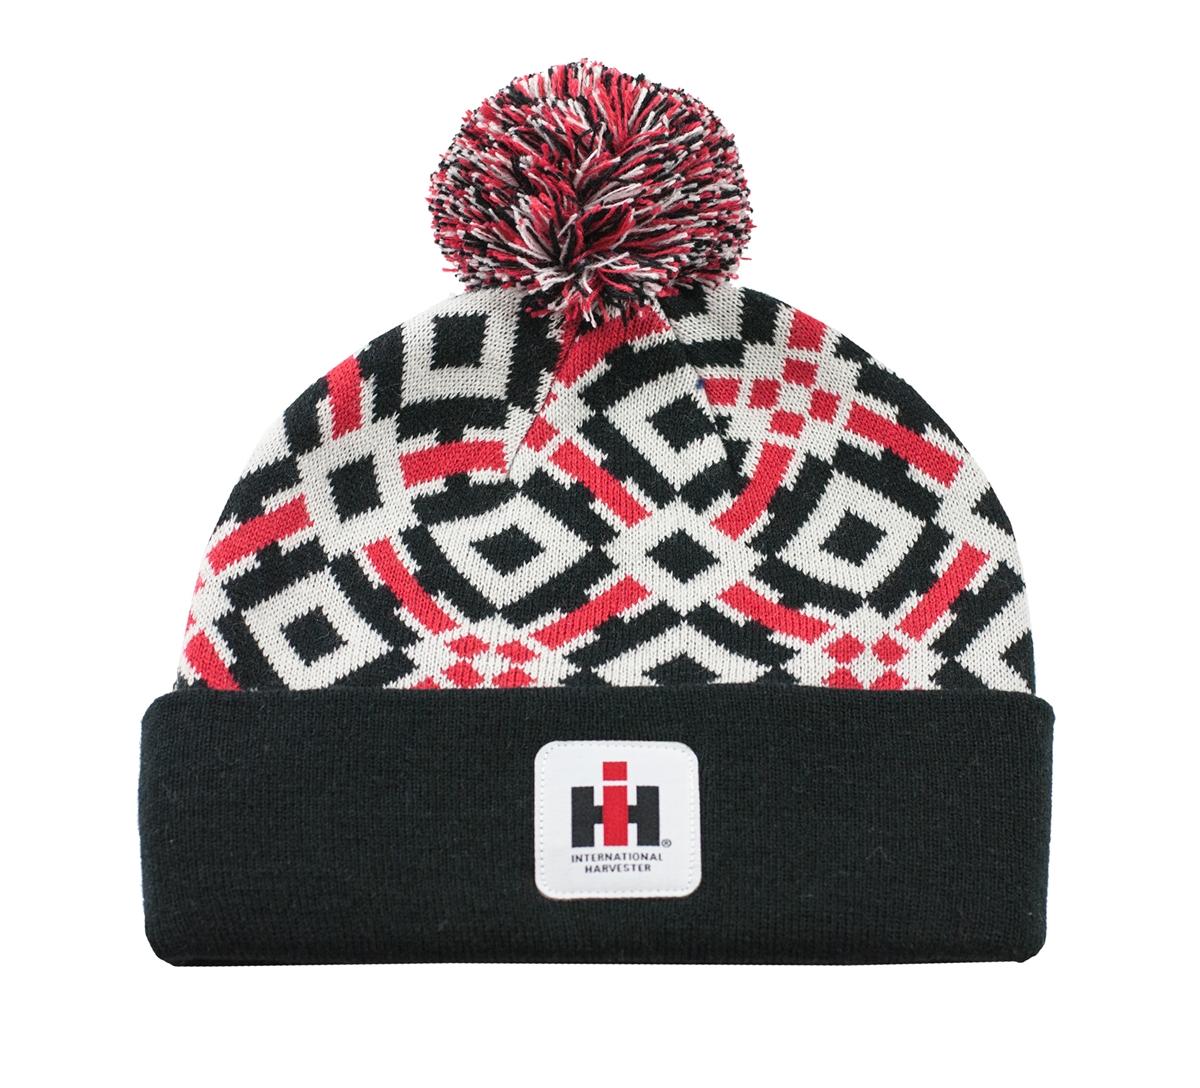 IH Youth Pom Pom Hat Red White Black b5f6a4dafb41